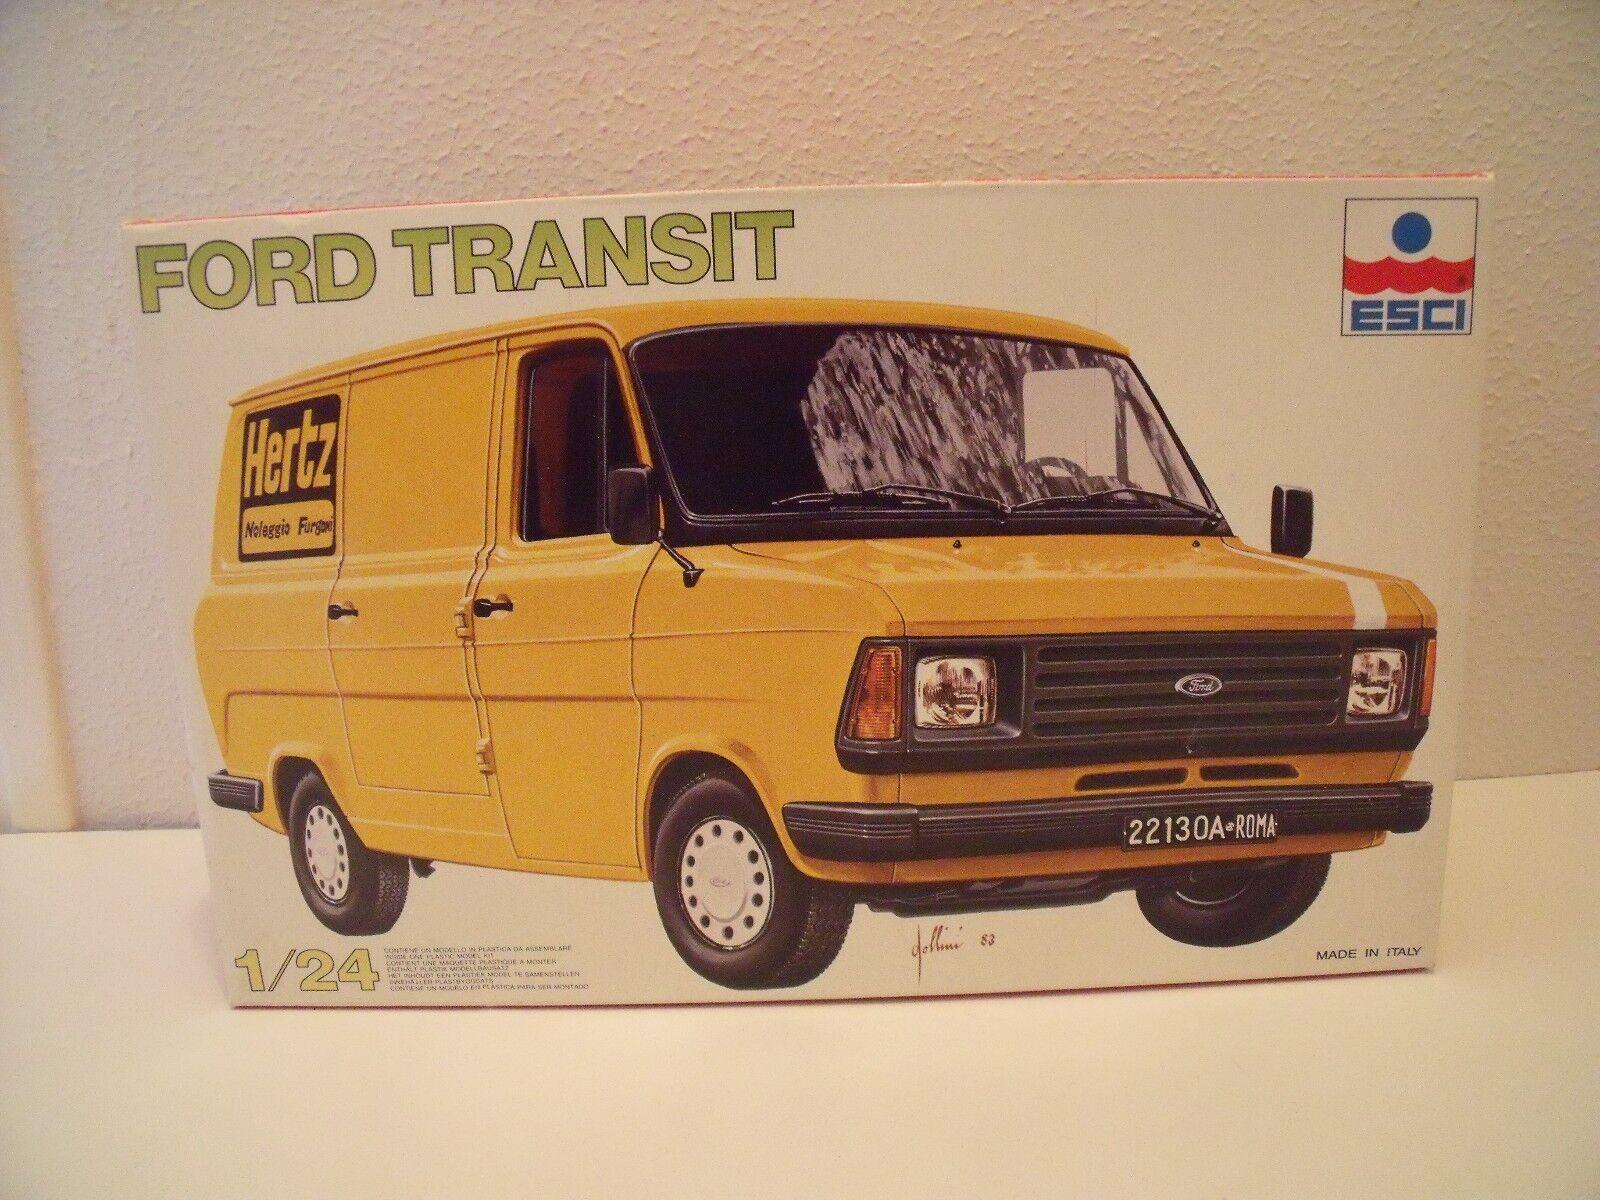 Muy   Muy Raro Maqueta   Modelo Kit Ford Transit Mk2 Hertz Esci 1 24 3047 Top